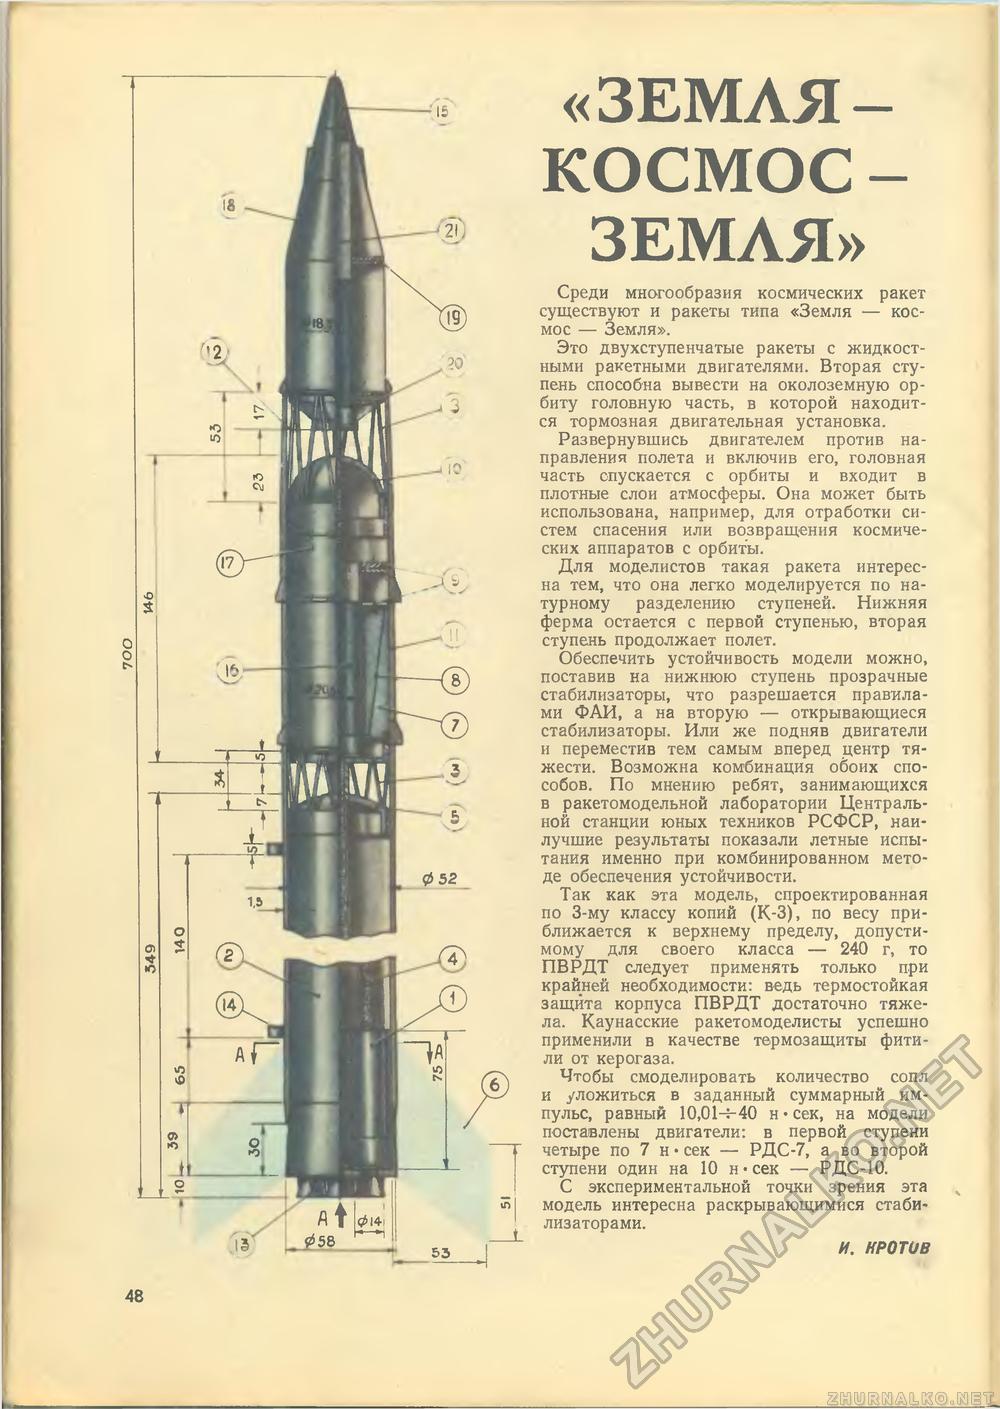 Расследование фсб позволило установить, что сотрудники предприятия намеренно портили ракетные двигатели